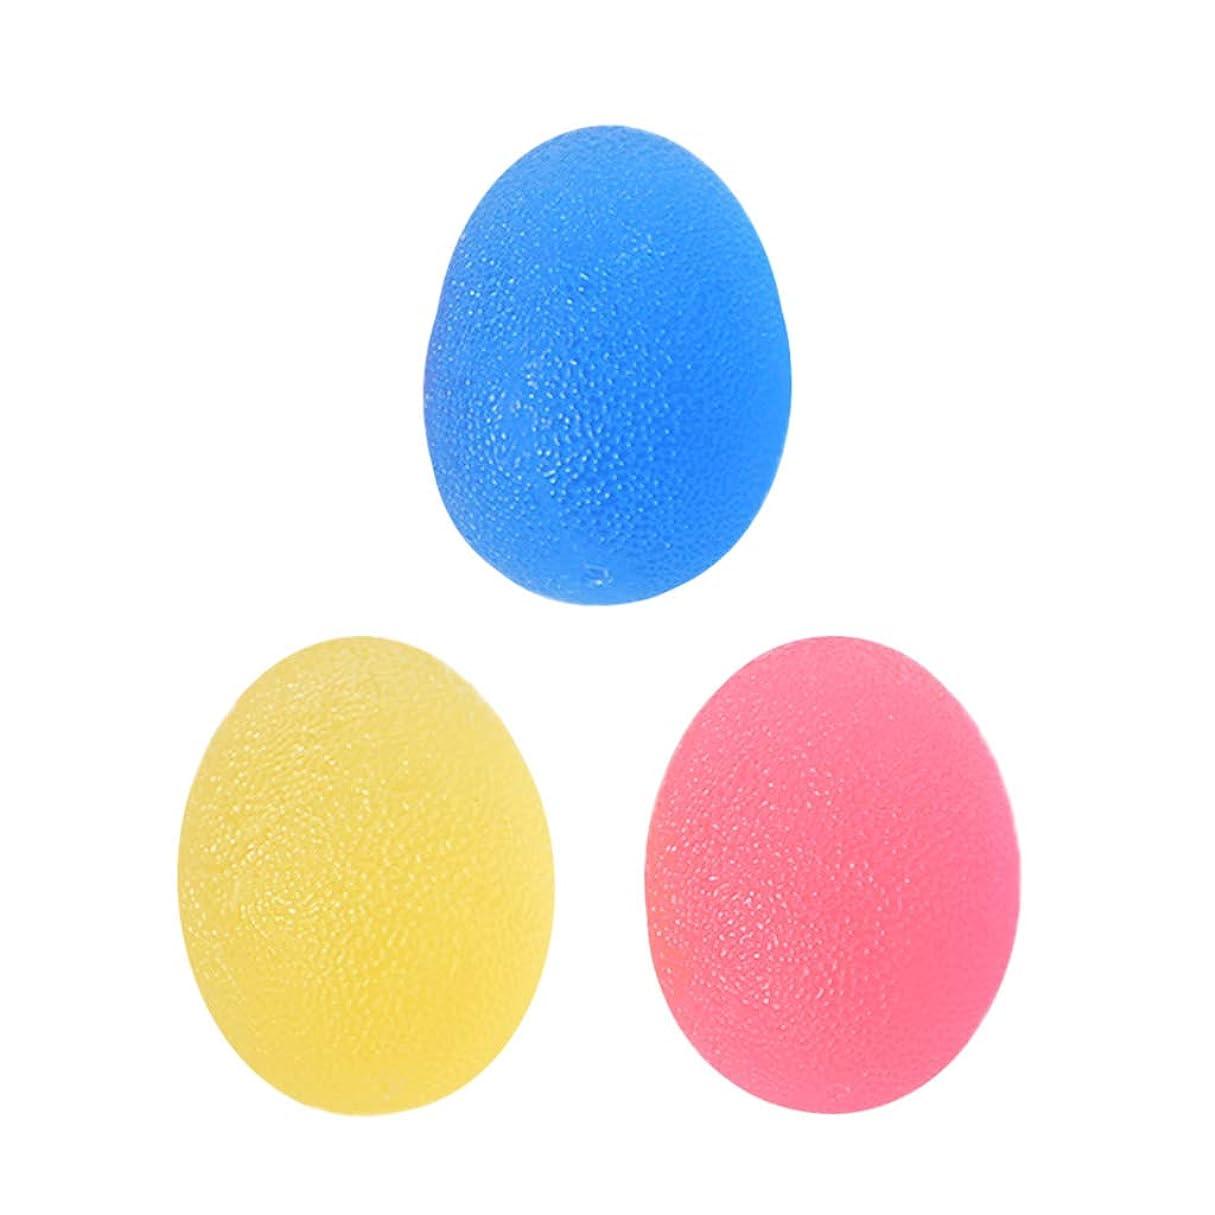 眉極小キャンベラPerfeclan 3個 グリップボール 指 手のひら 運動 グリップ ハンド スクイズボール エクササイザボール